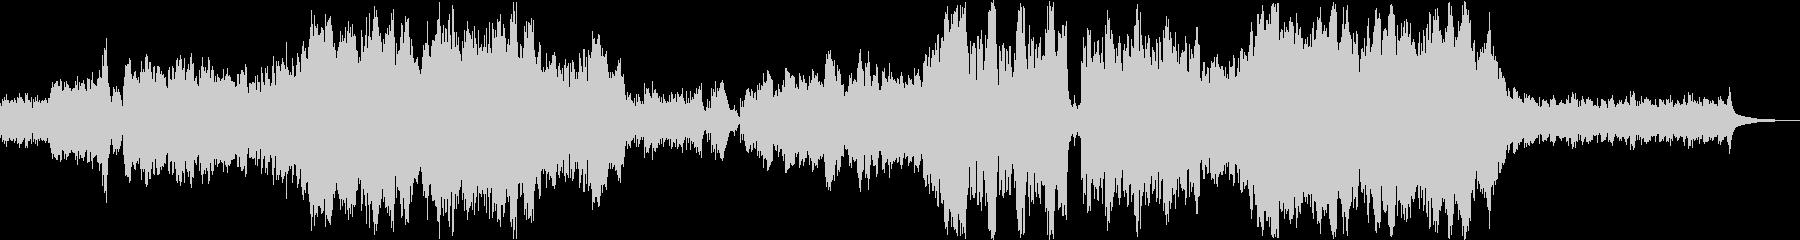 【旧版】オーケストラの感動的なバラードの未再生の波形